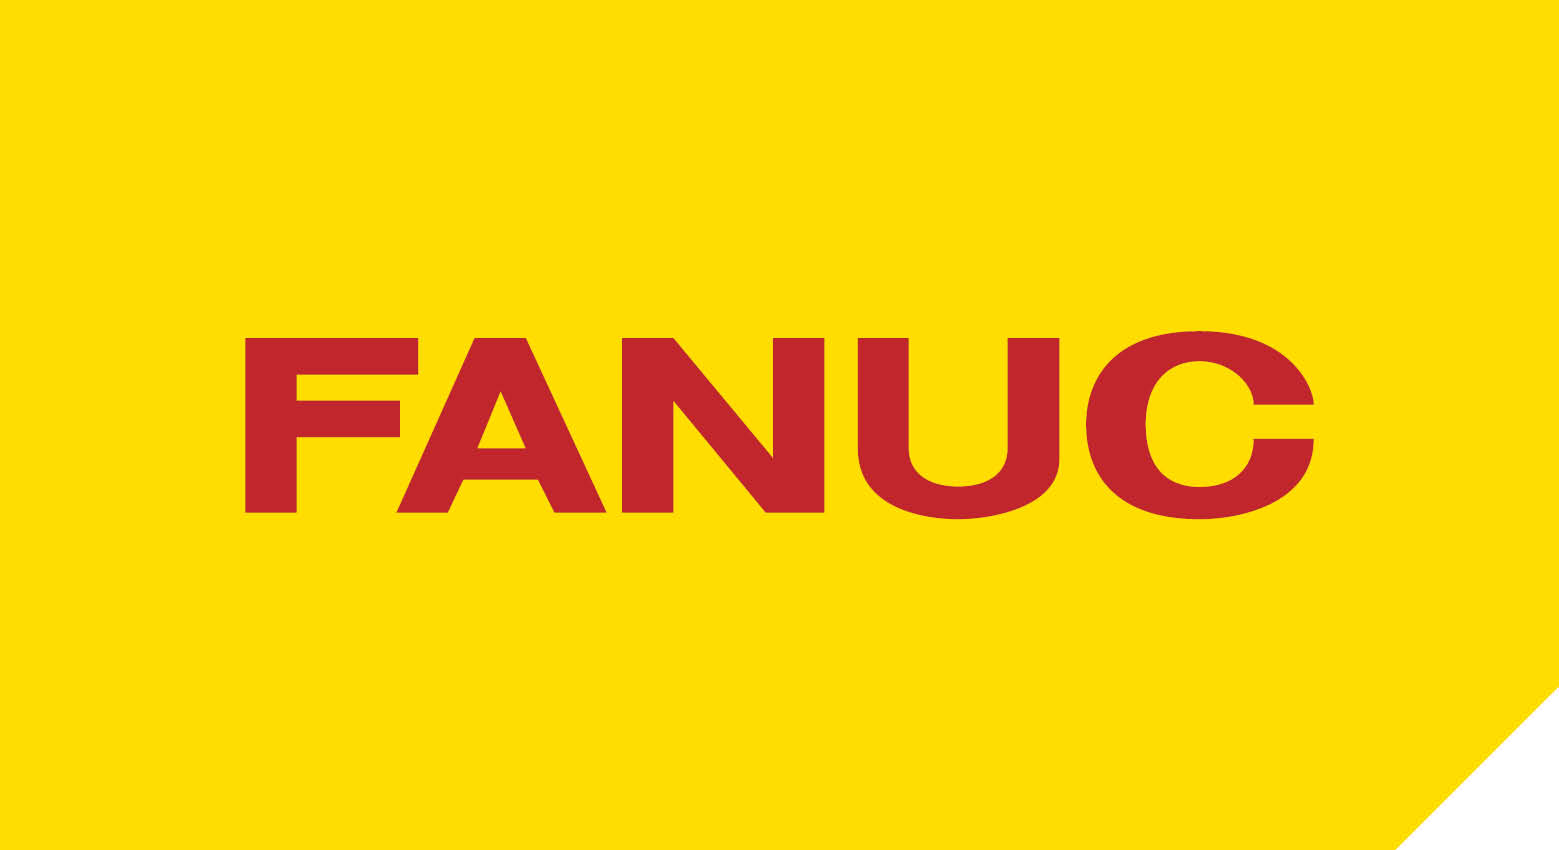 FANUC-Logo_Yellow-BG_4C_600dpi